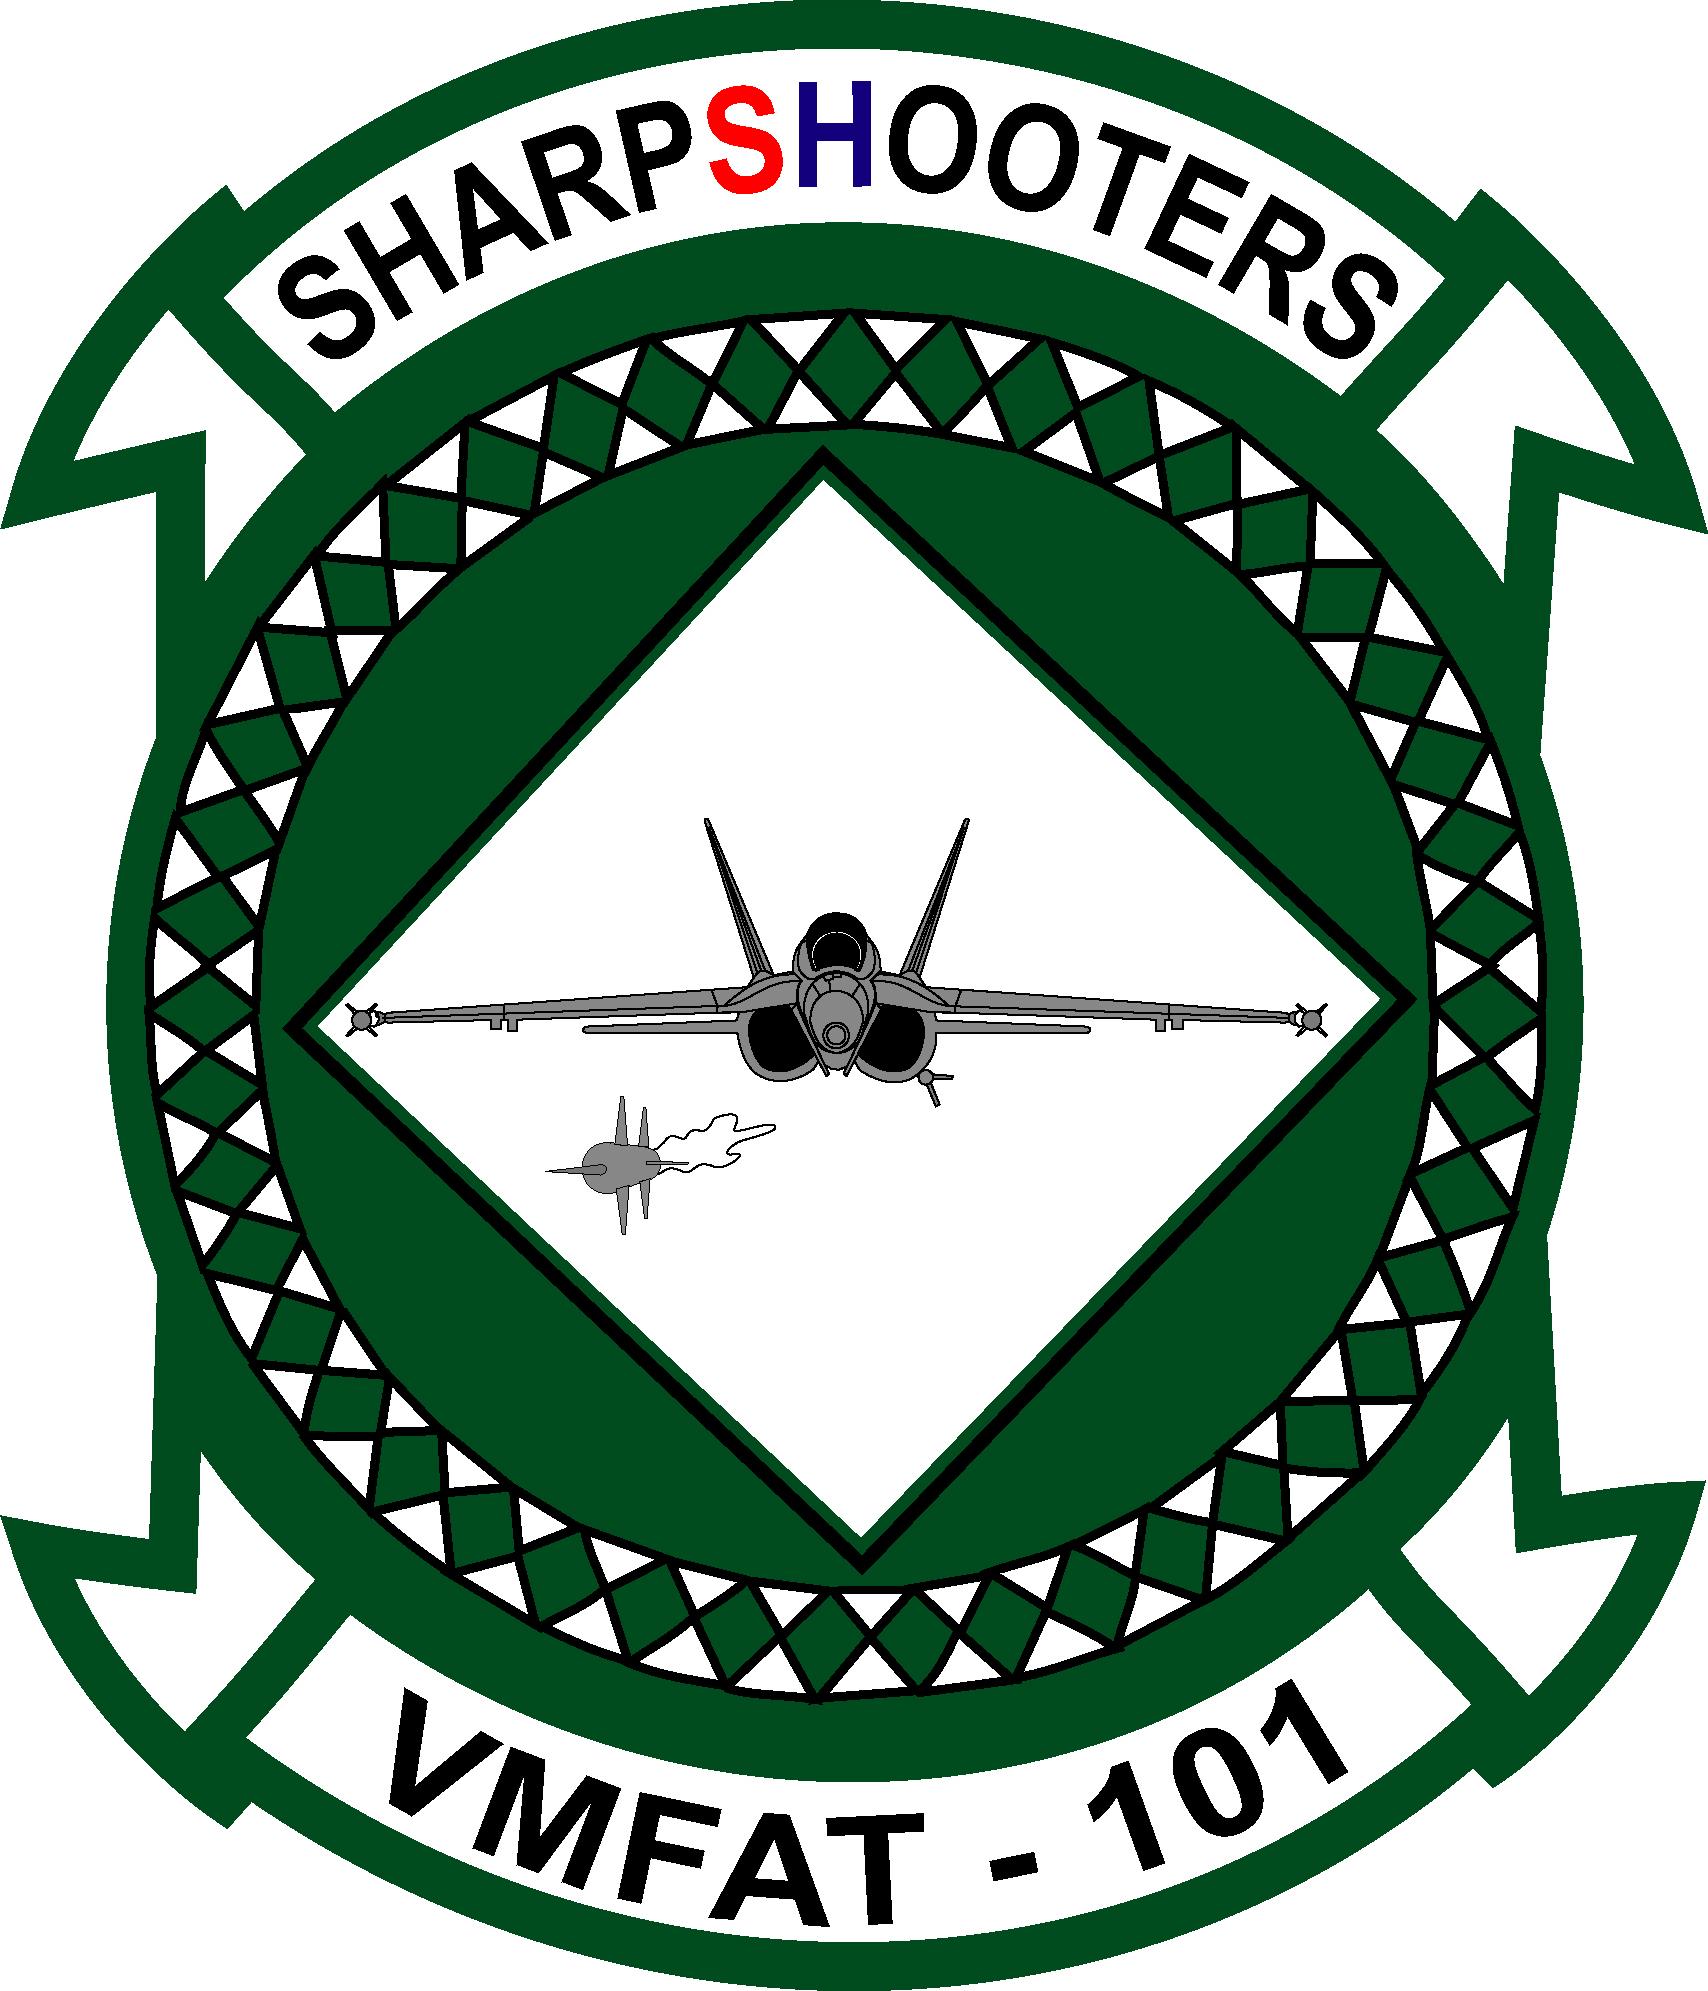 VMFAT-101 - Wikipedia